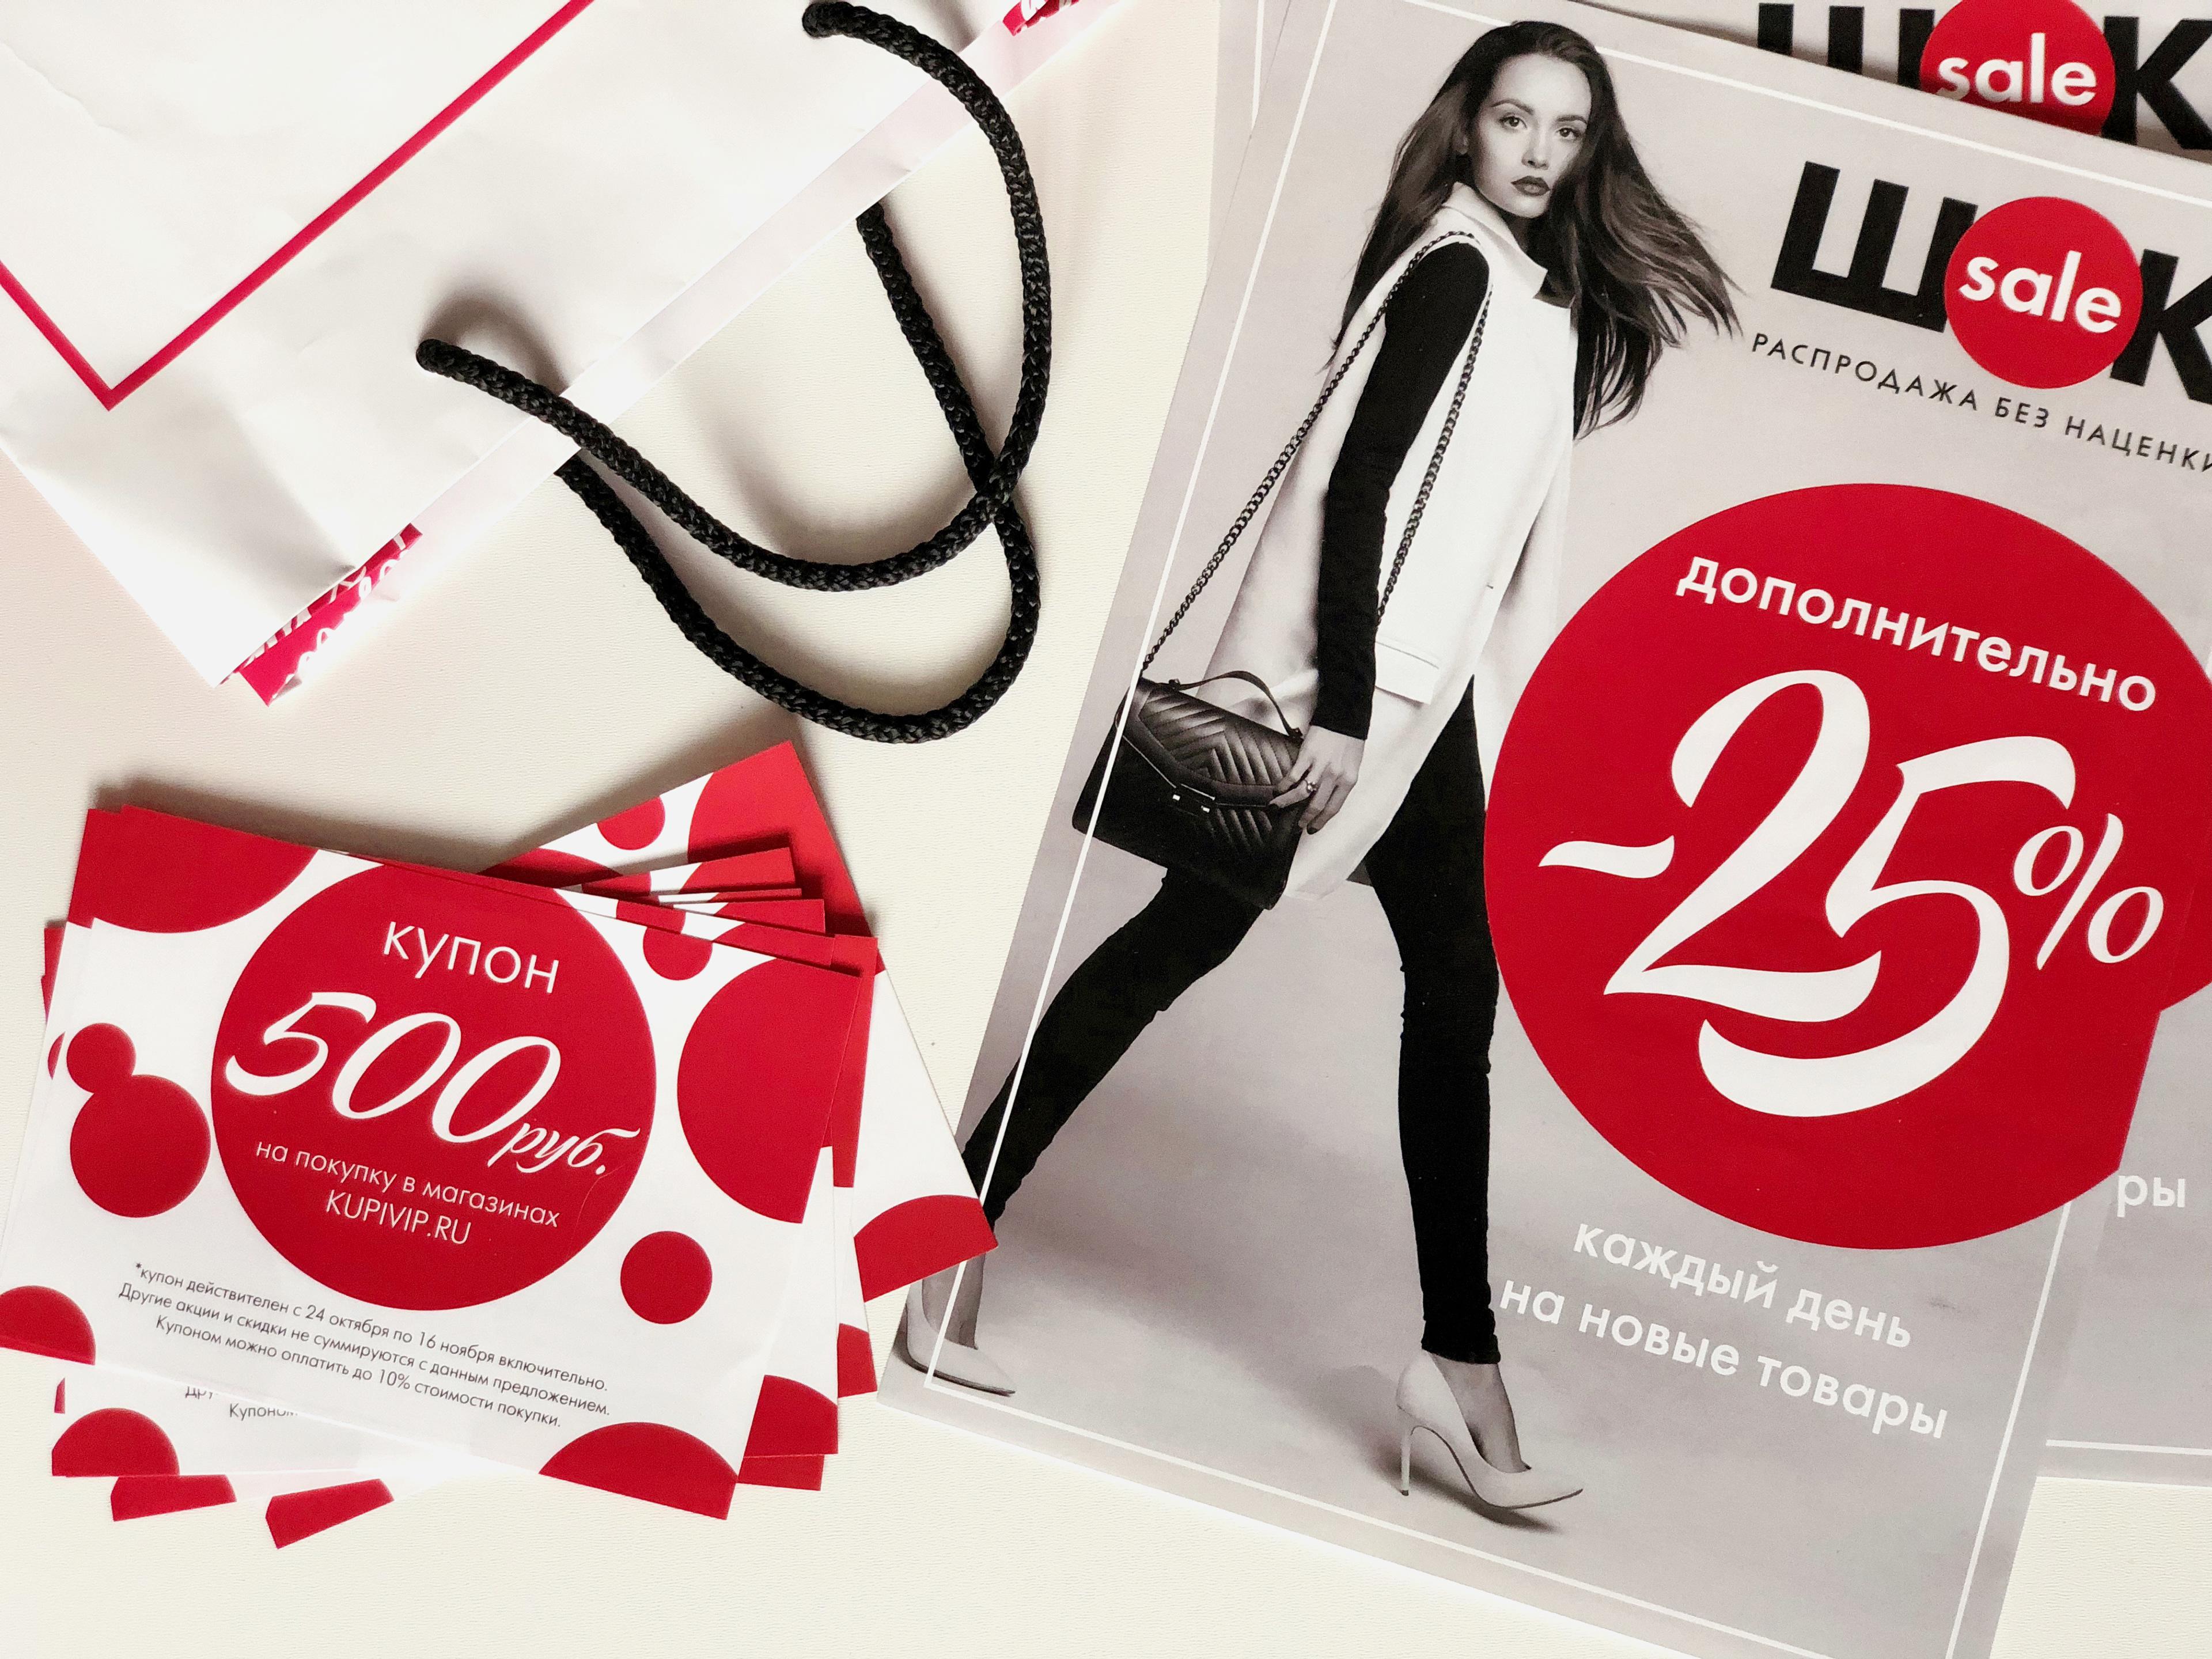 f8e7b887d4dd POSM для сопровождения рекламных акций, открытия новых магазинов и прочие  мероприятия в сети розничных магазинов KUPIVIP.RU